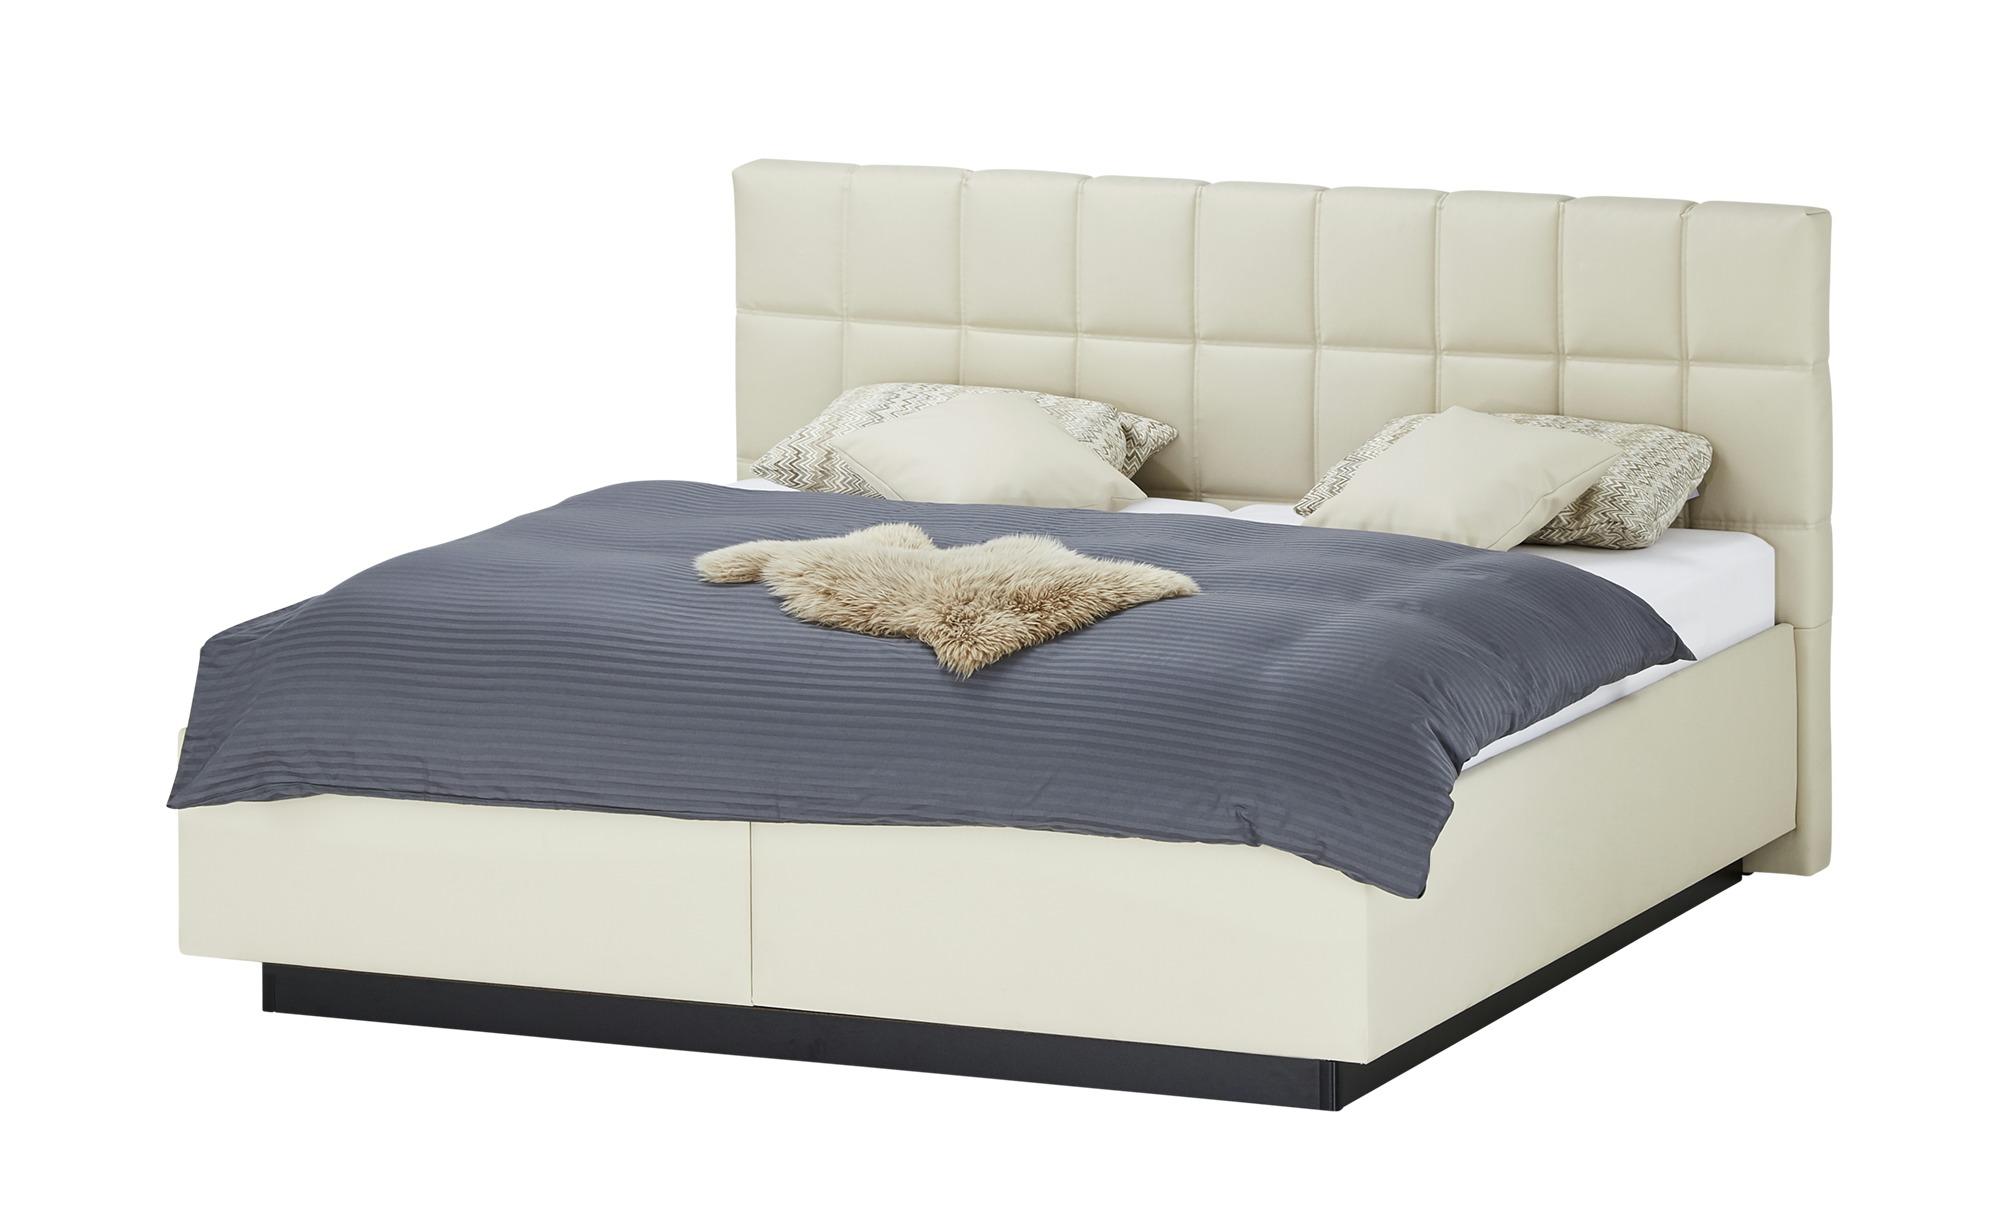 Full Size of Polsterbett 200x220 Cm Betten Bett Wohnzimmer Polsterbett 200x220